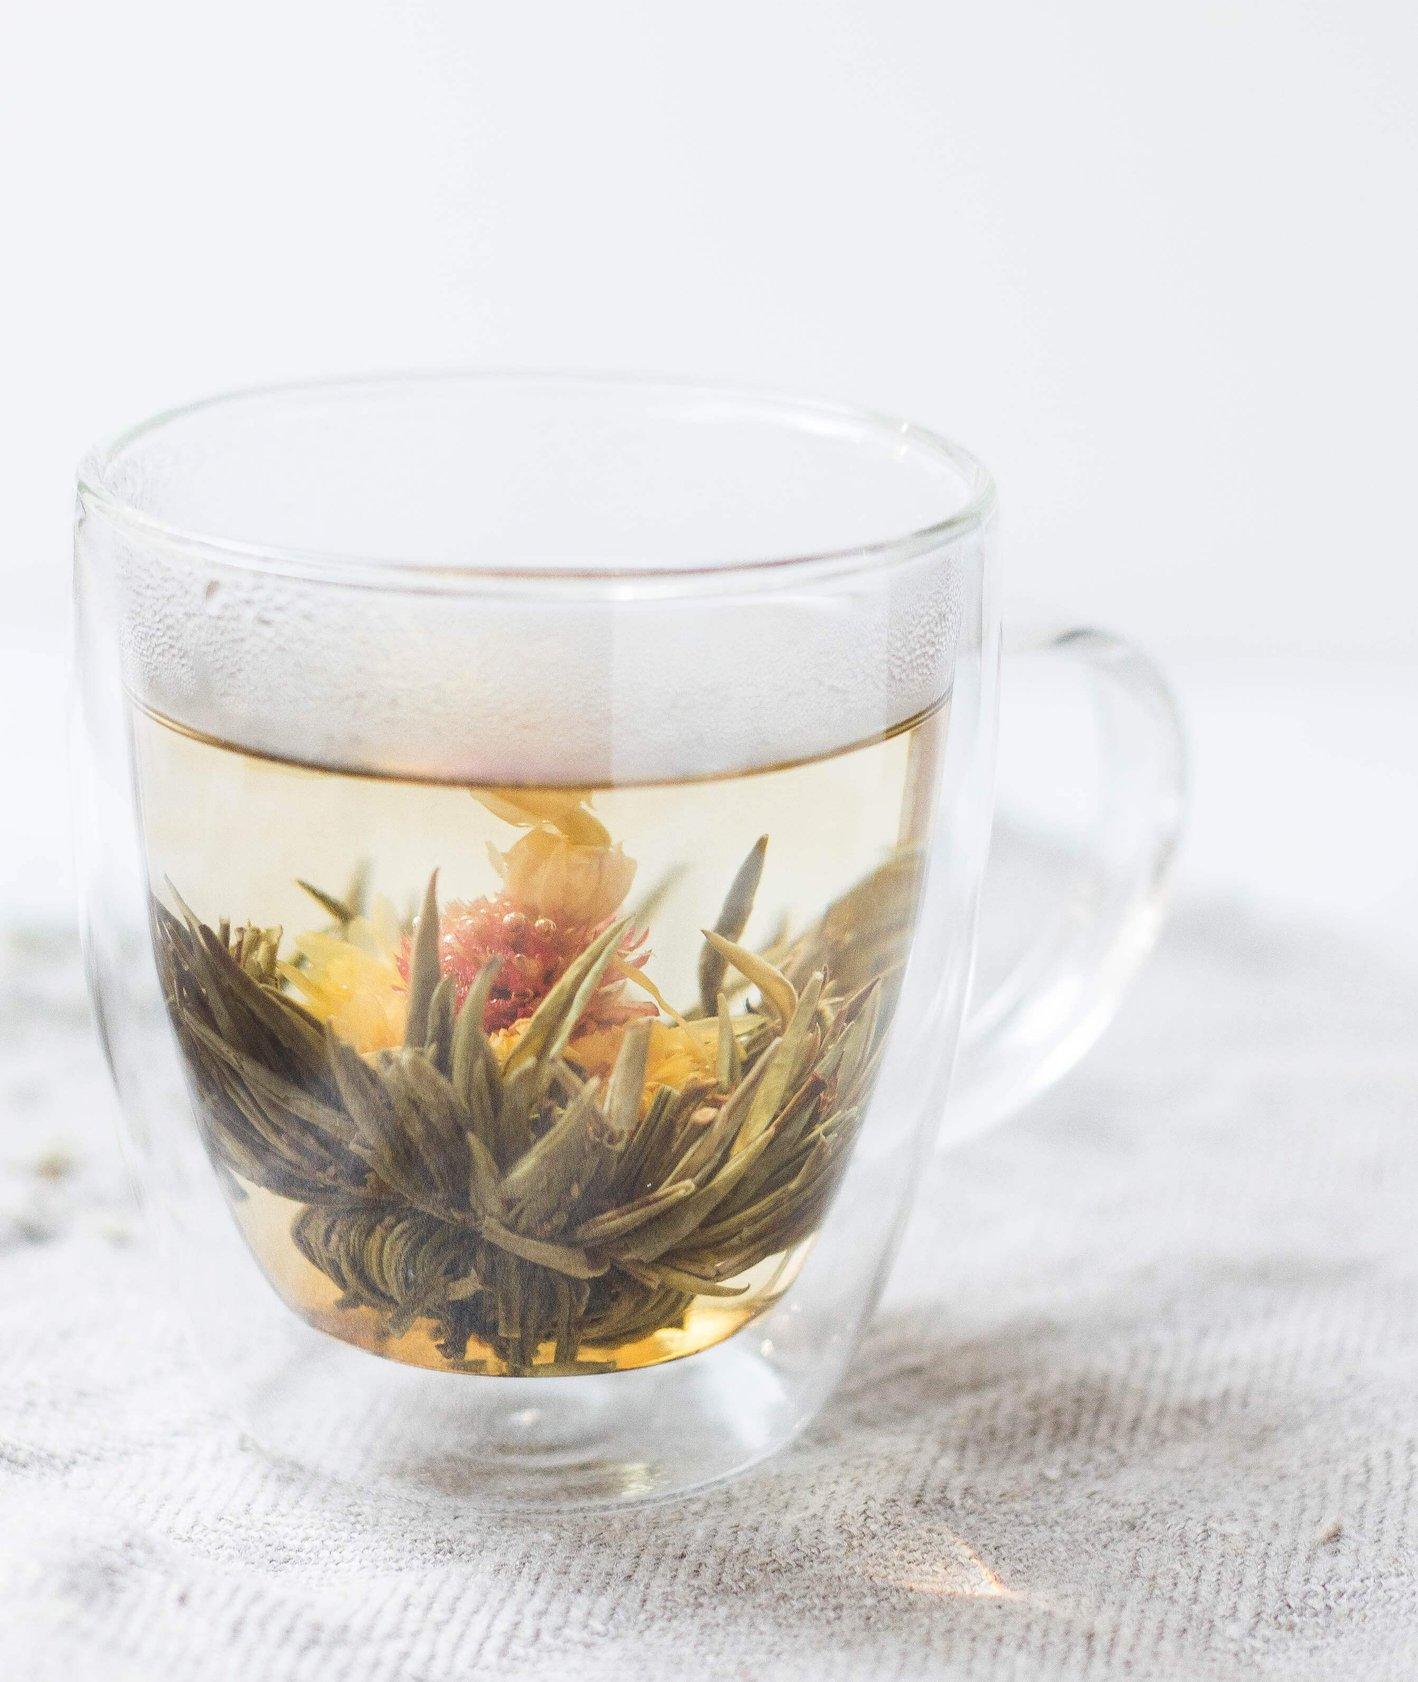 Kubek zielonej herbaty na białym płótnie w szklanym kubku. (fot. Alison Marras)